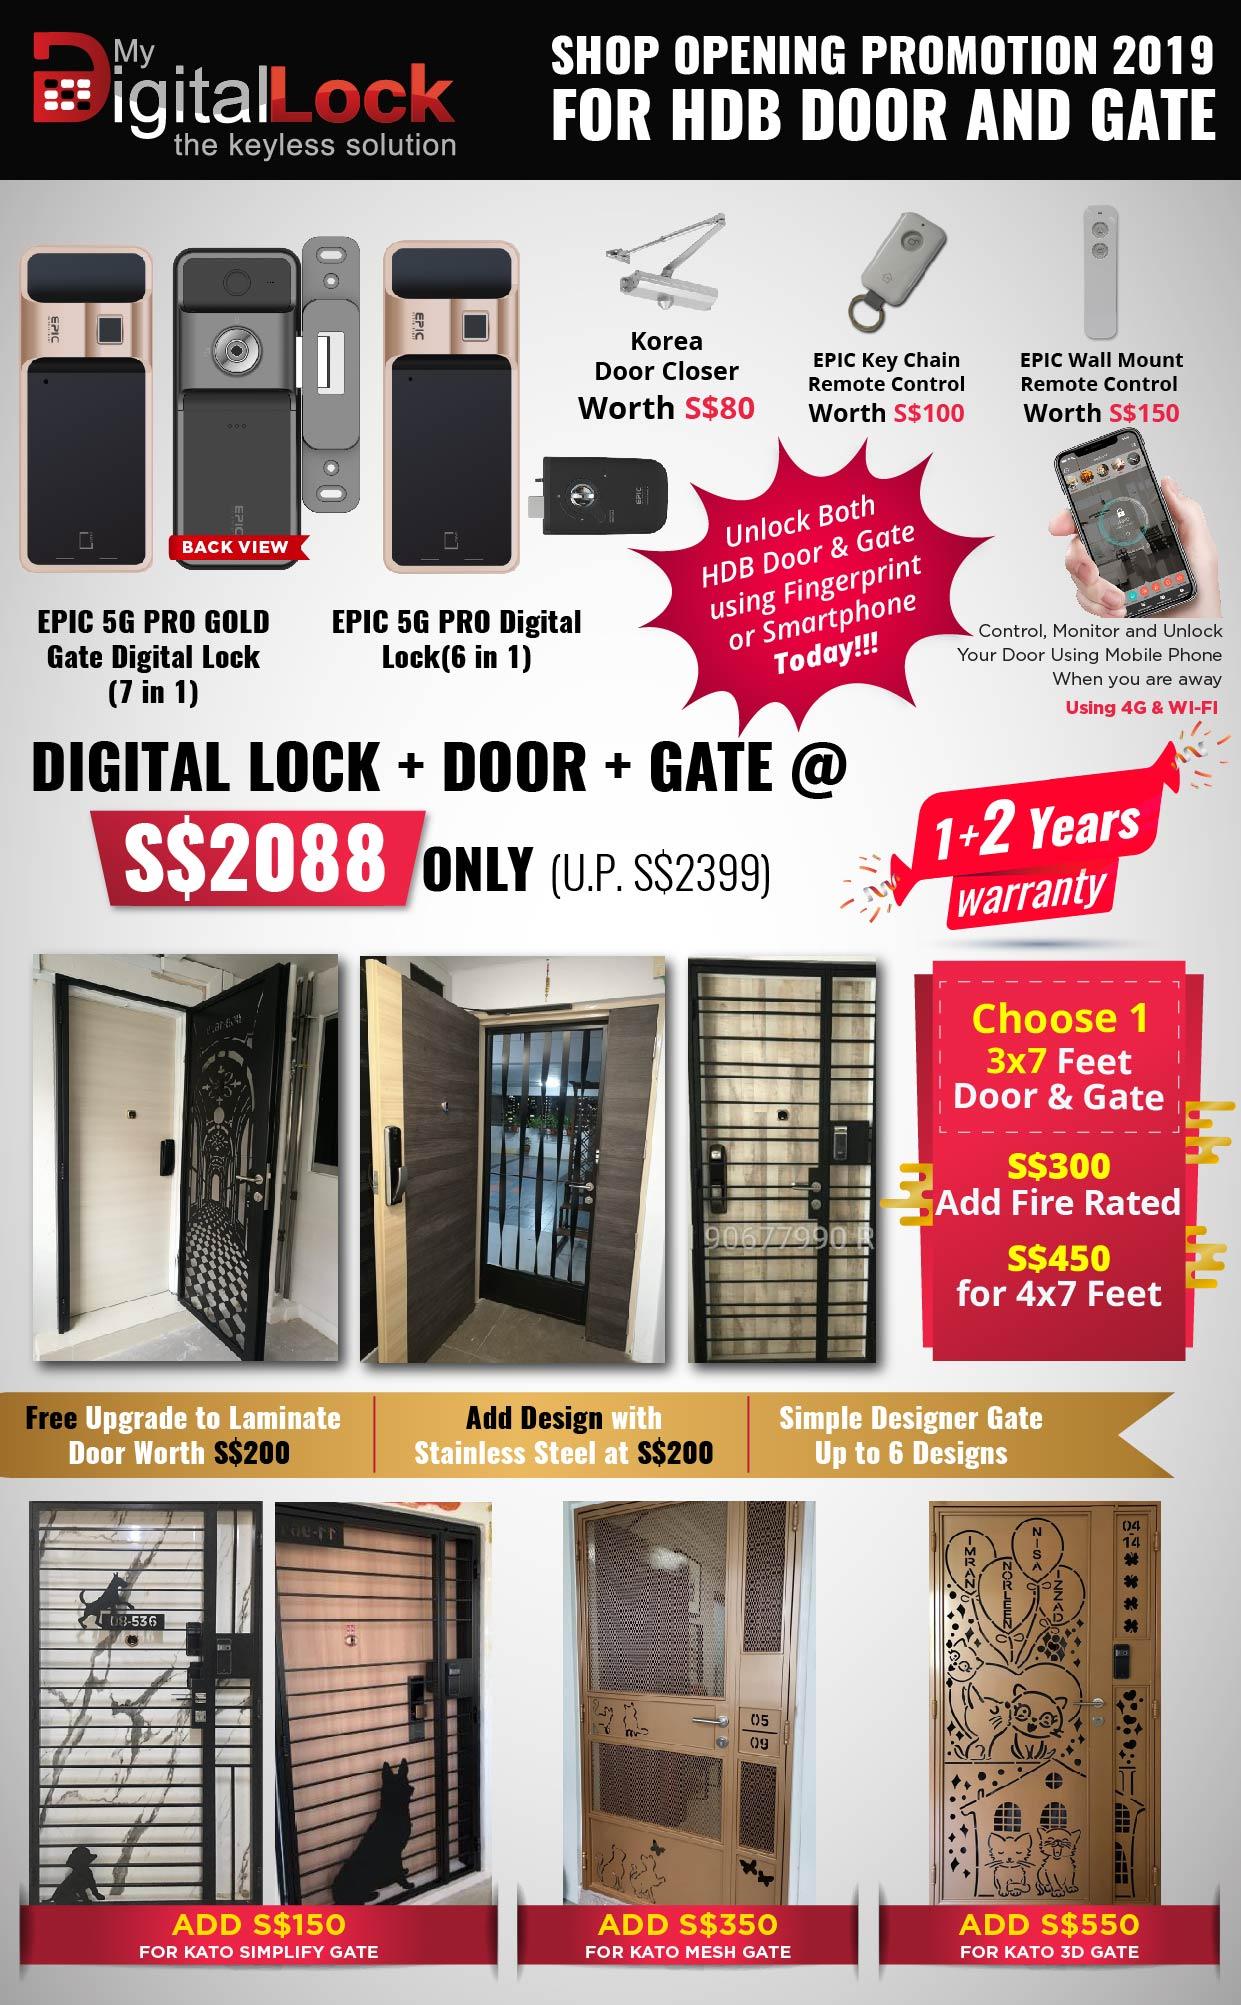 Buy Door and Gate @ My Digital Lock. Call 9067 7990